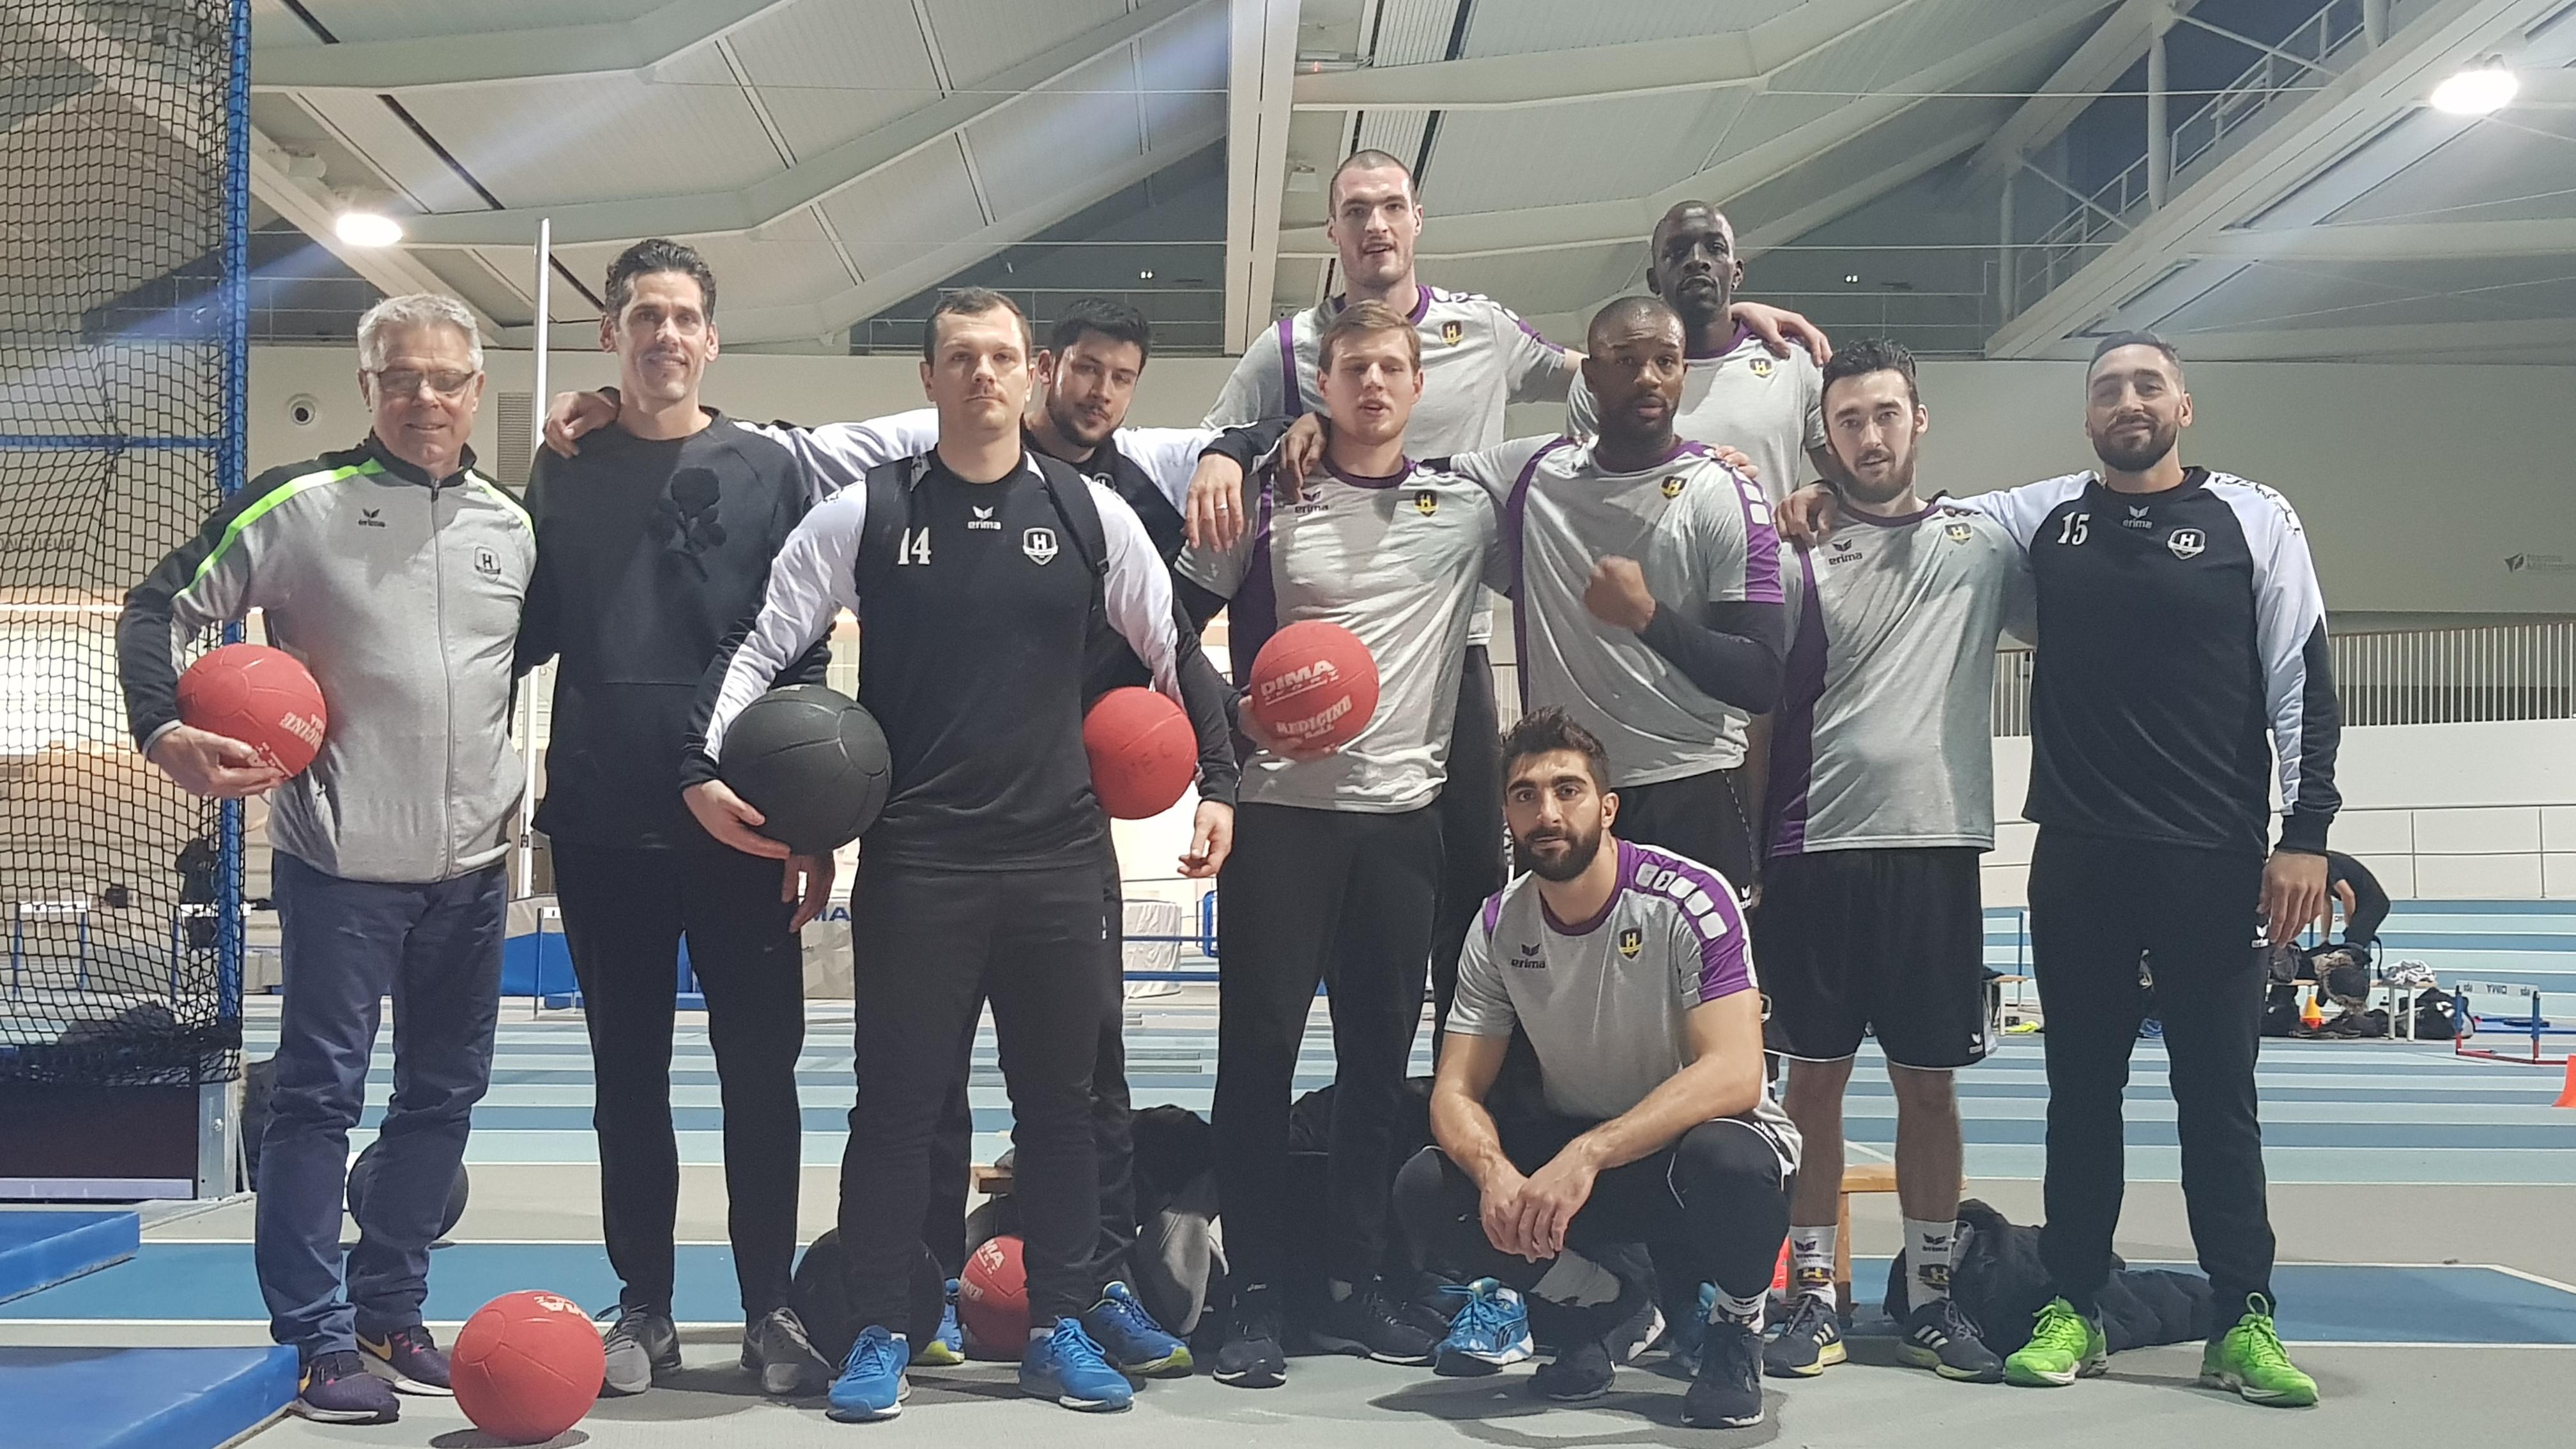 Les handballeurs du HBC Nantes au Stadium pour un entraînement d'athlétisme